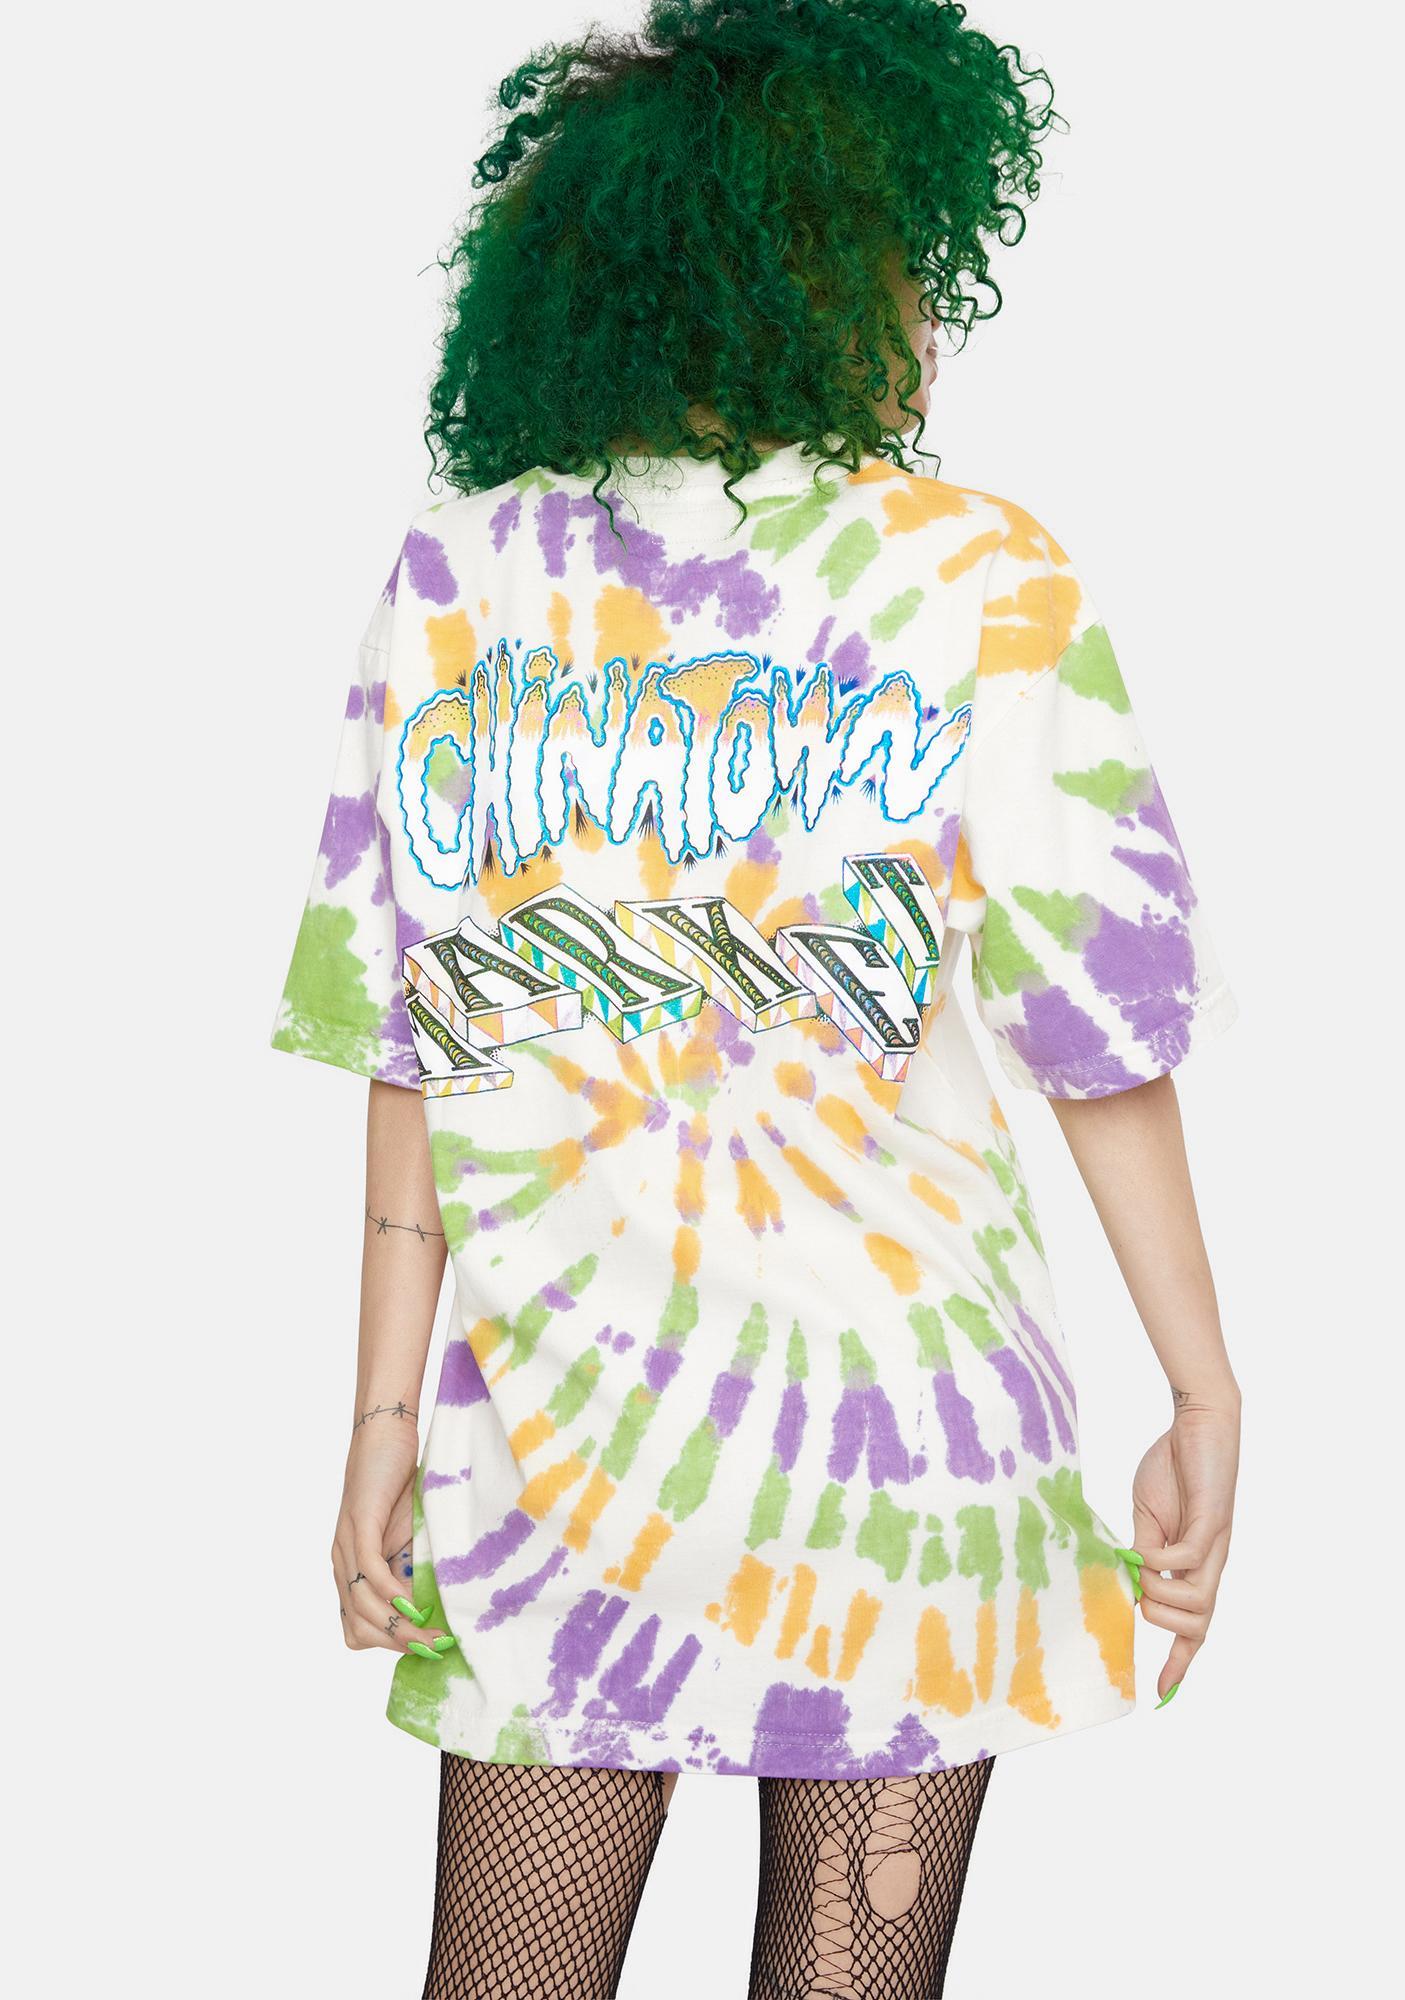 CHINATOWN MARKET Tie Dye Block Graphic Tee